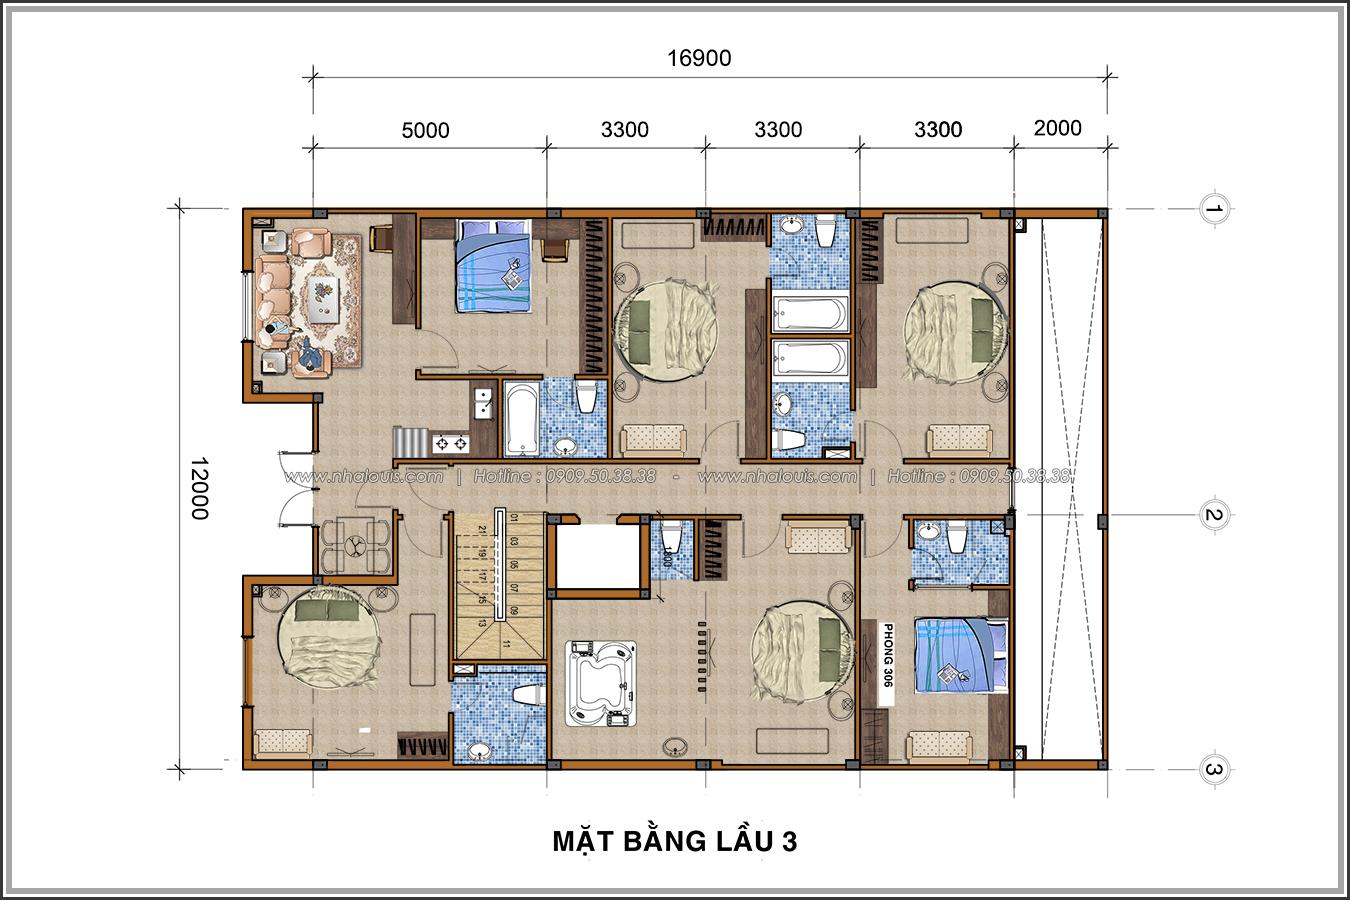 Thiết kế khách sạn cổ điển tại Phan Thiết đẹp lộng lẫy - 08